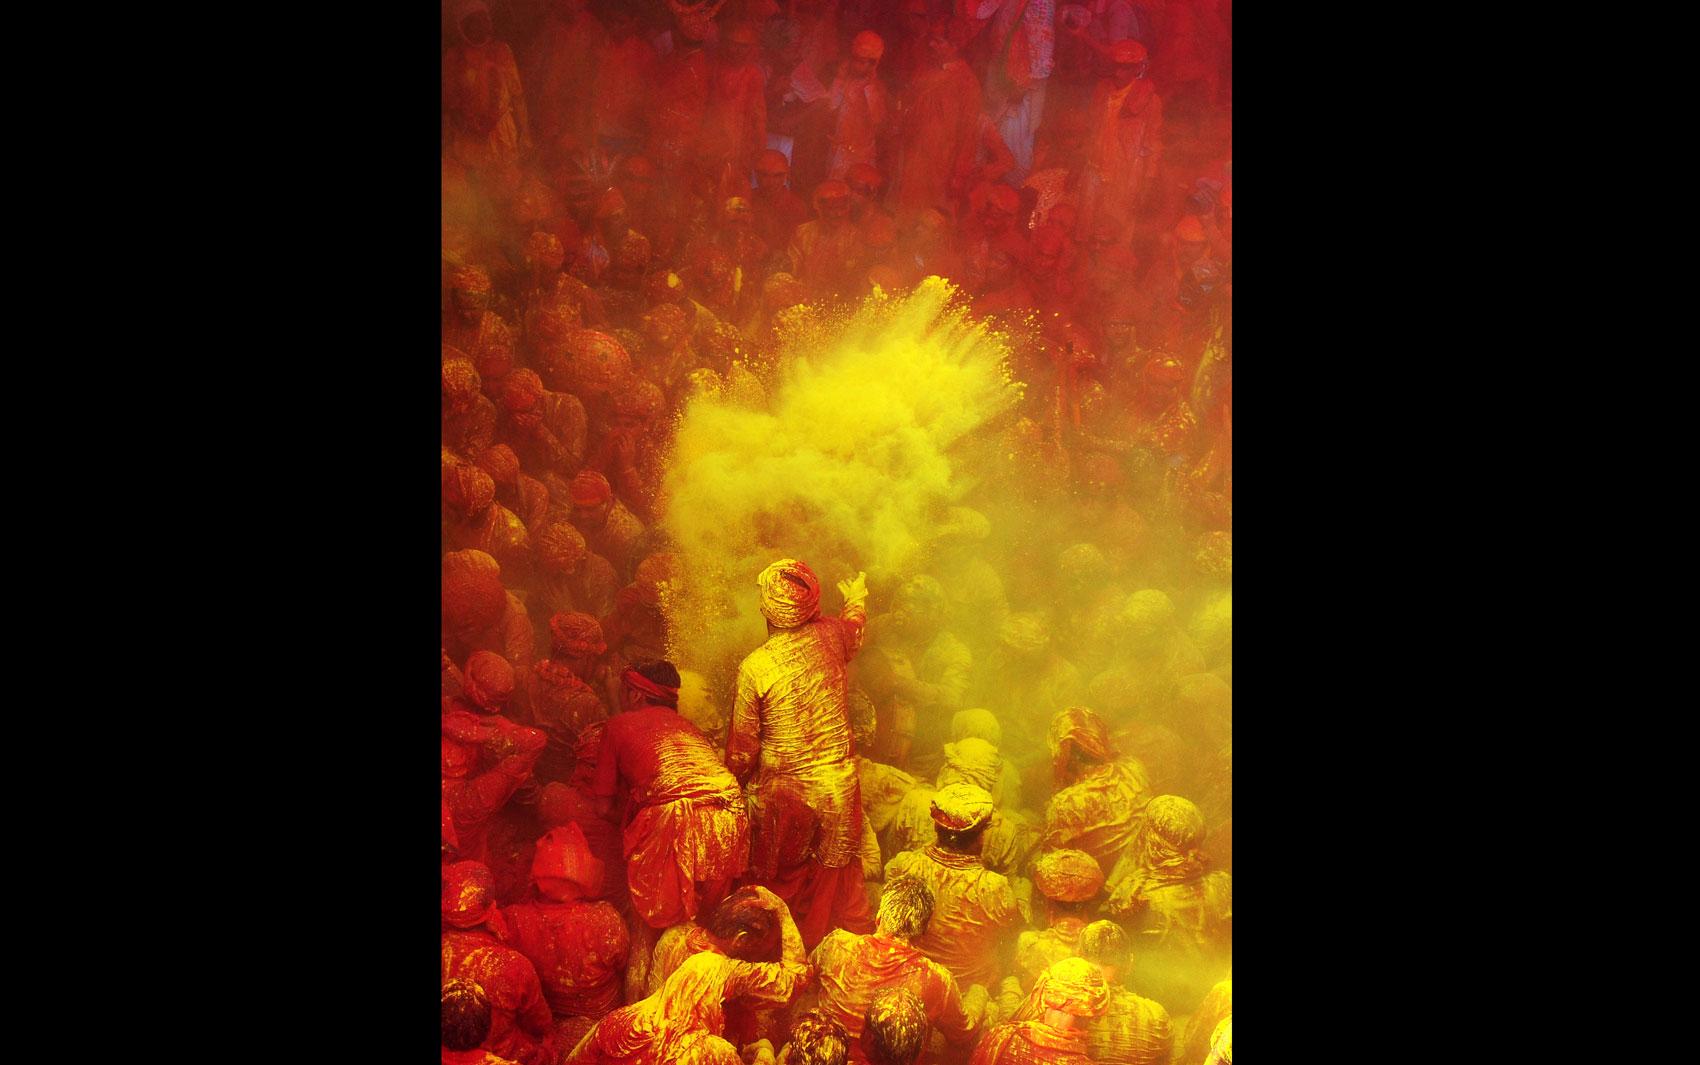 Fiéis hindus participam de guerra de pó colorido no templo Radha Rani, em Barsana, Índia. A comemoração faz parte do Lathmar Holi, festa que ocorre na cidade dias antes do nacionalmente tradicional festival Holi. A festa nacional ocorre na quarta (27).